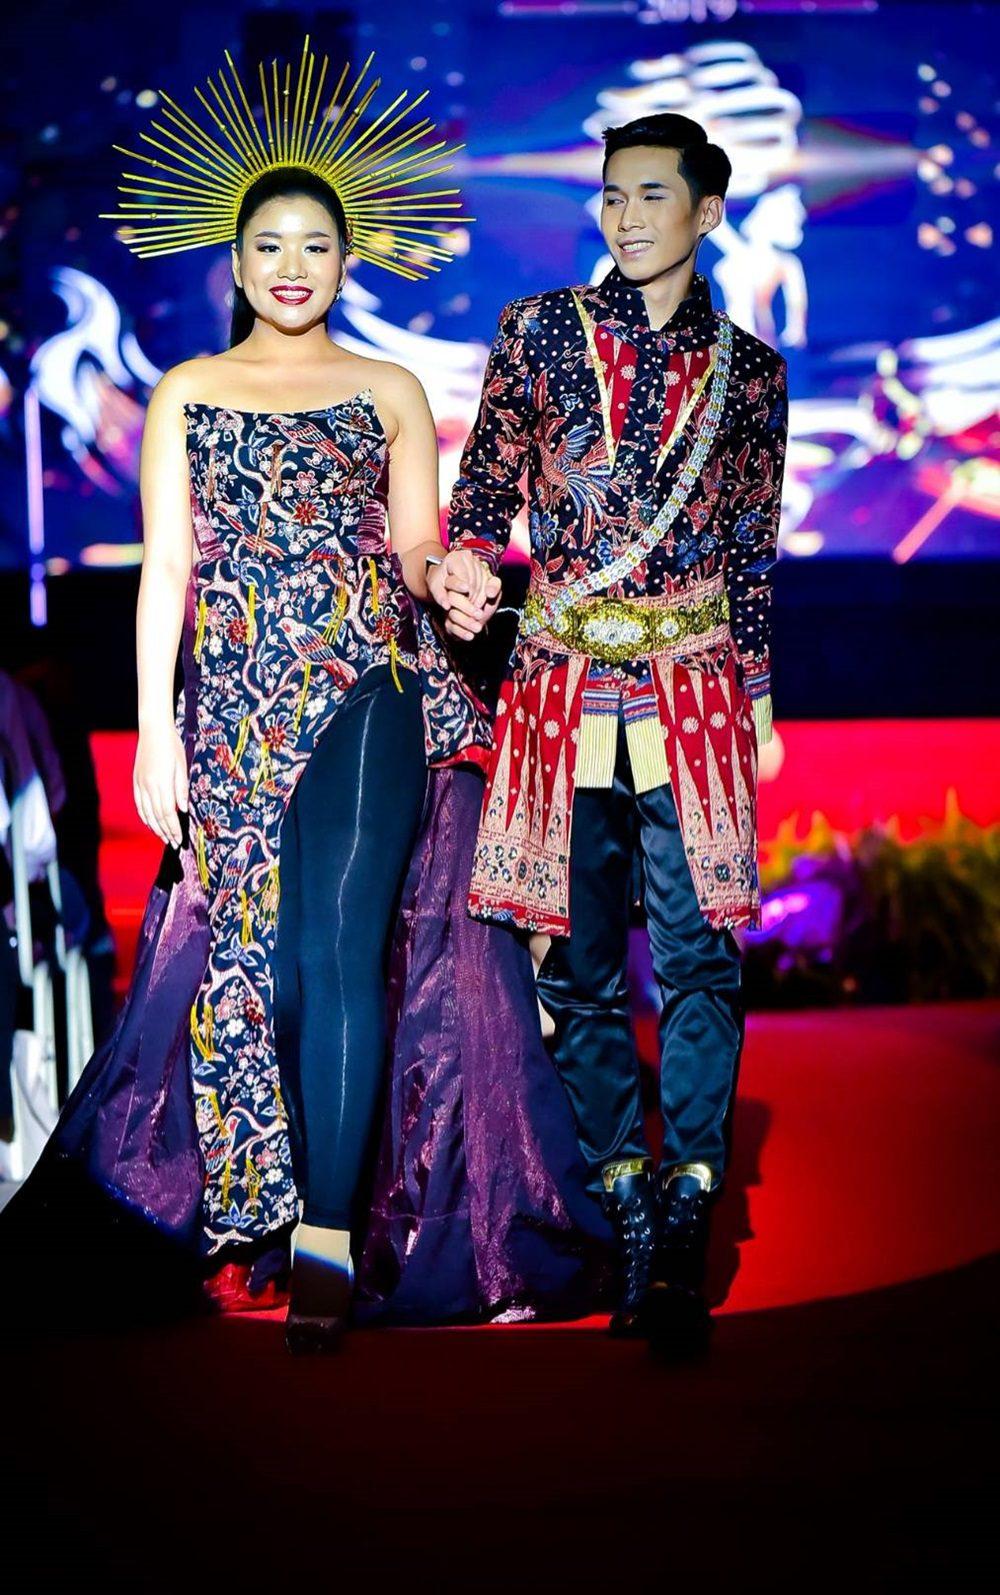 ผ้าไทย สะกดทุกสายตา ชุดเปิดตัวผู้เข้าประกวด ดาว-เดือน ม.ธุรกิจบัณฑิตย์ ปี 62